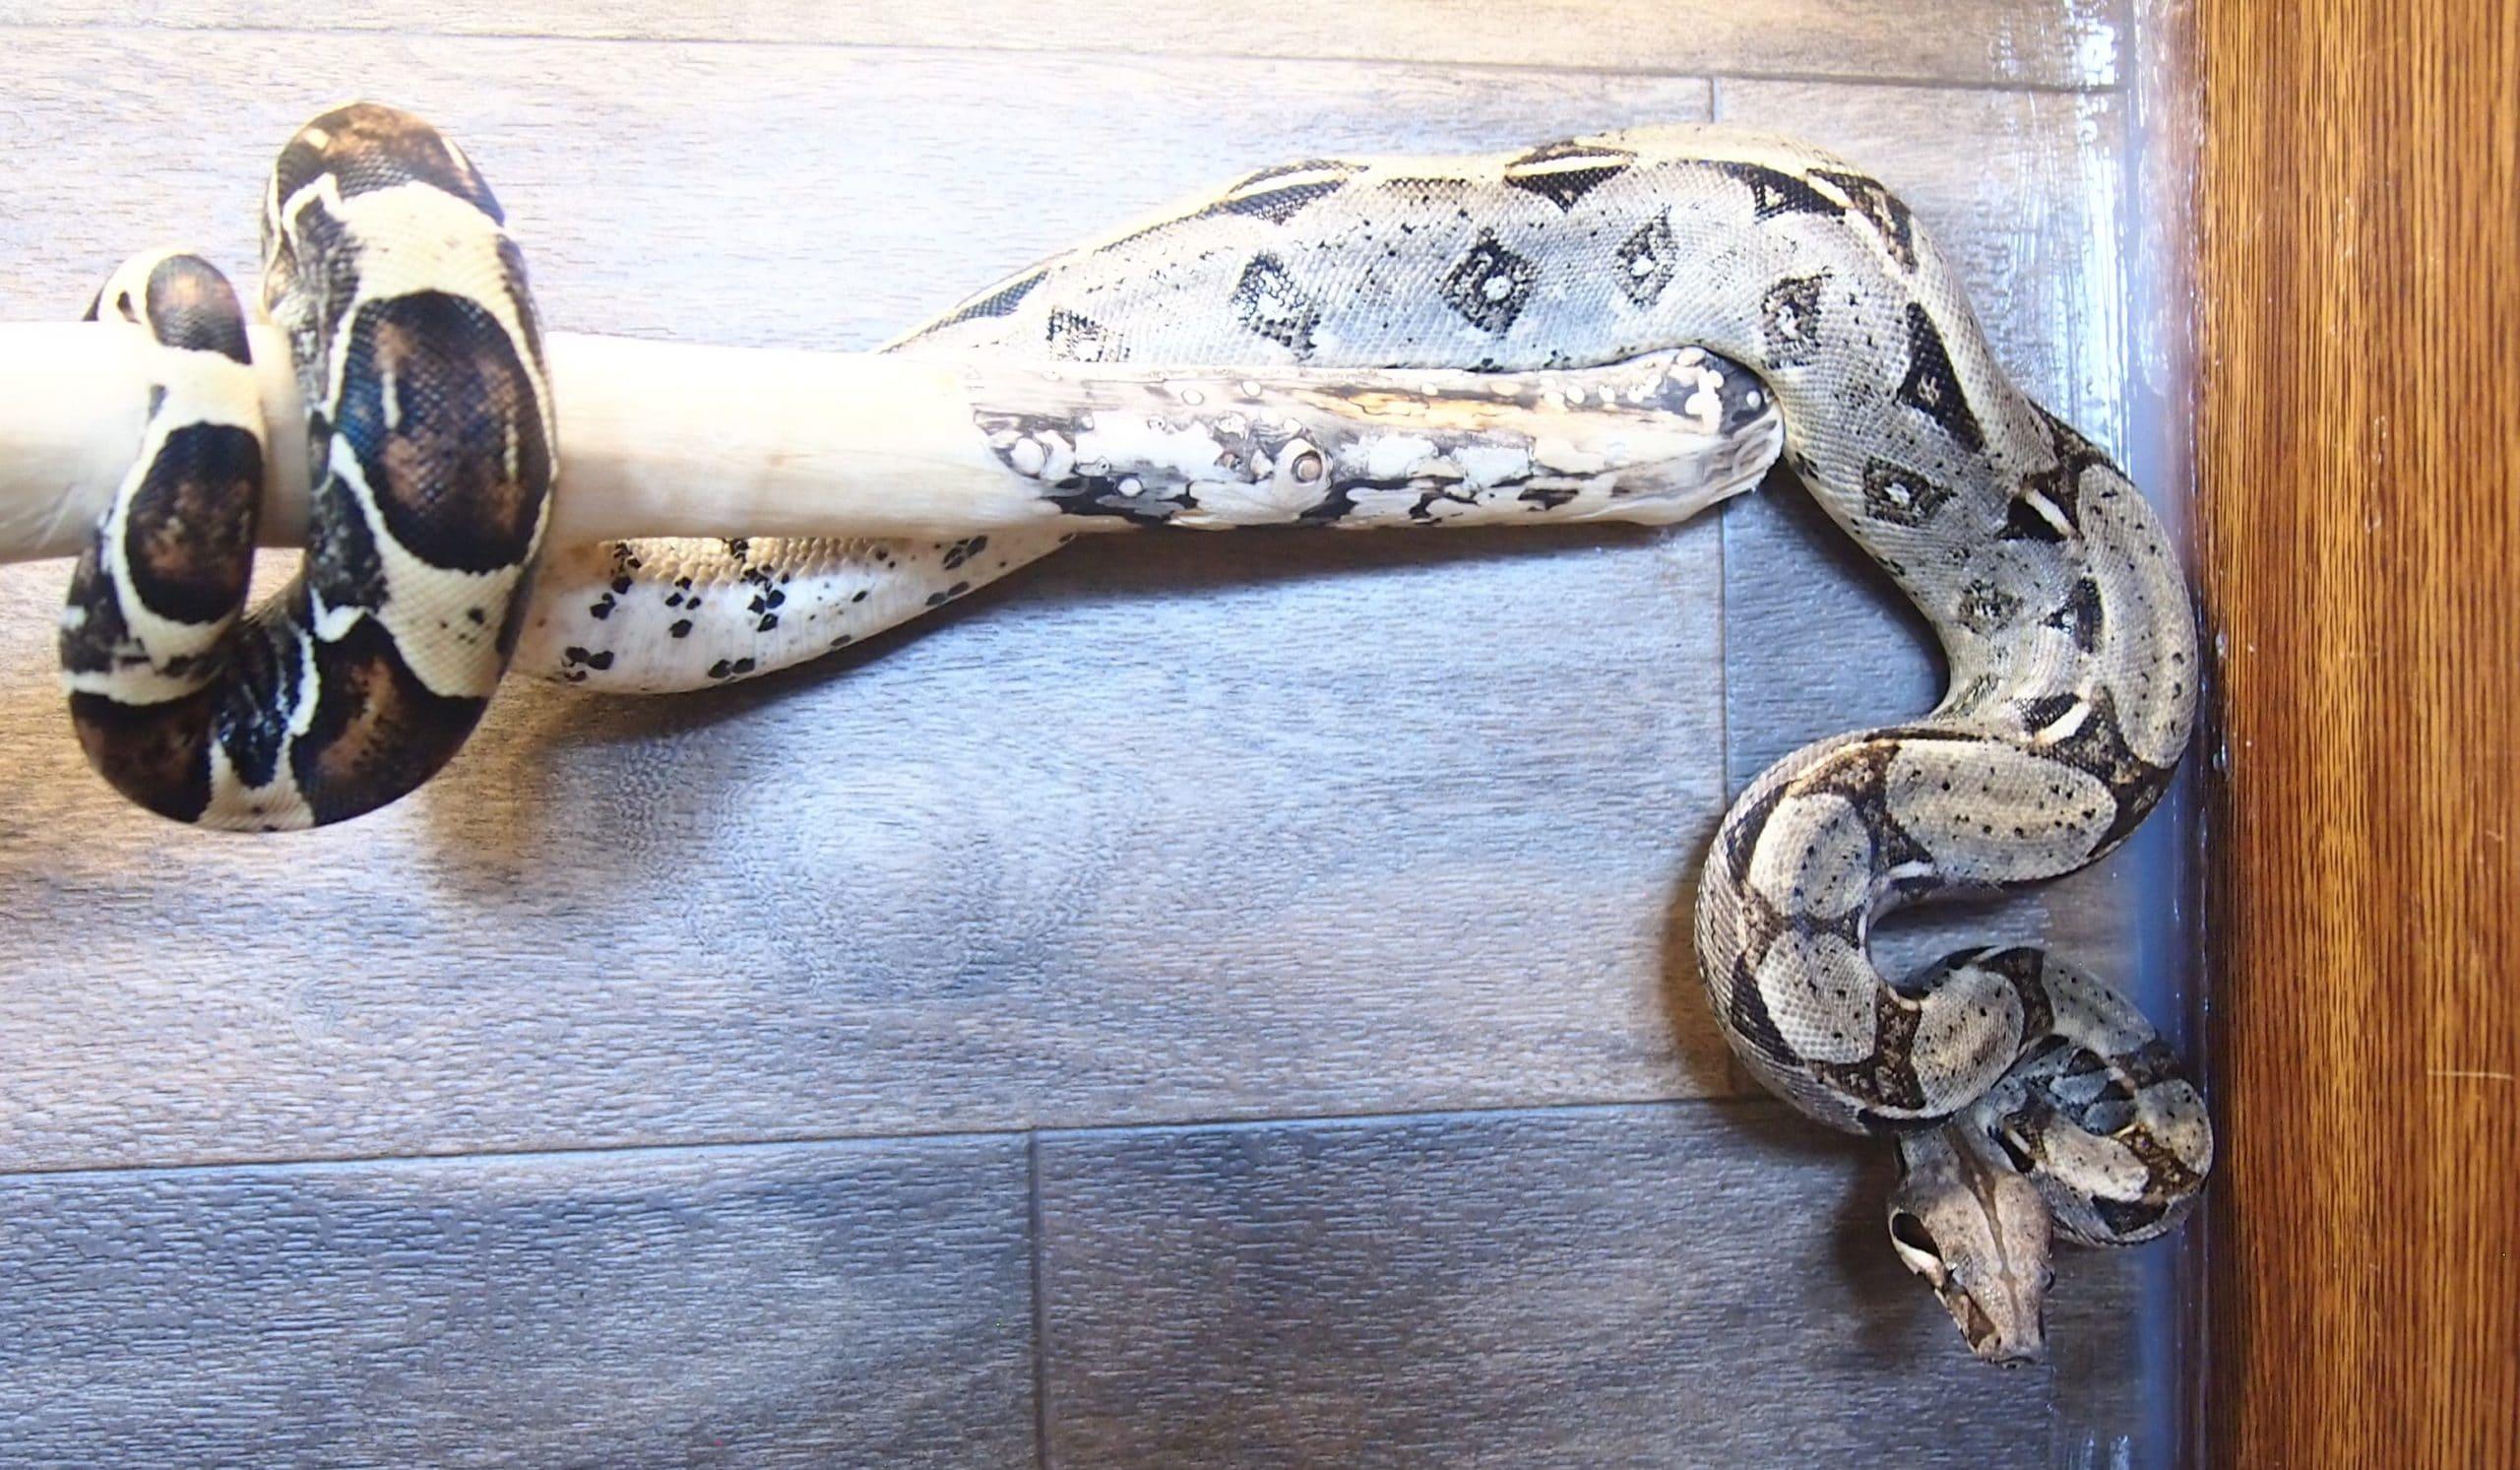 Healthy Boa constrictor